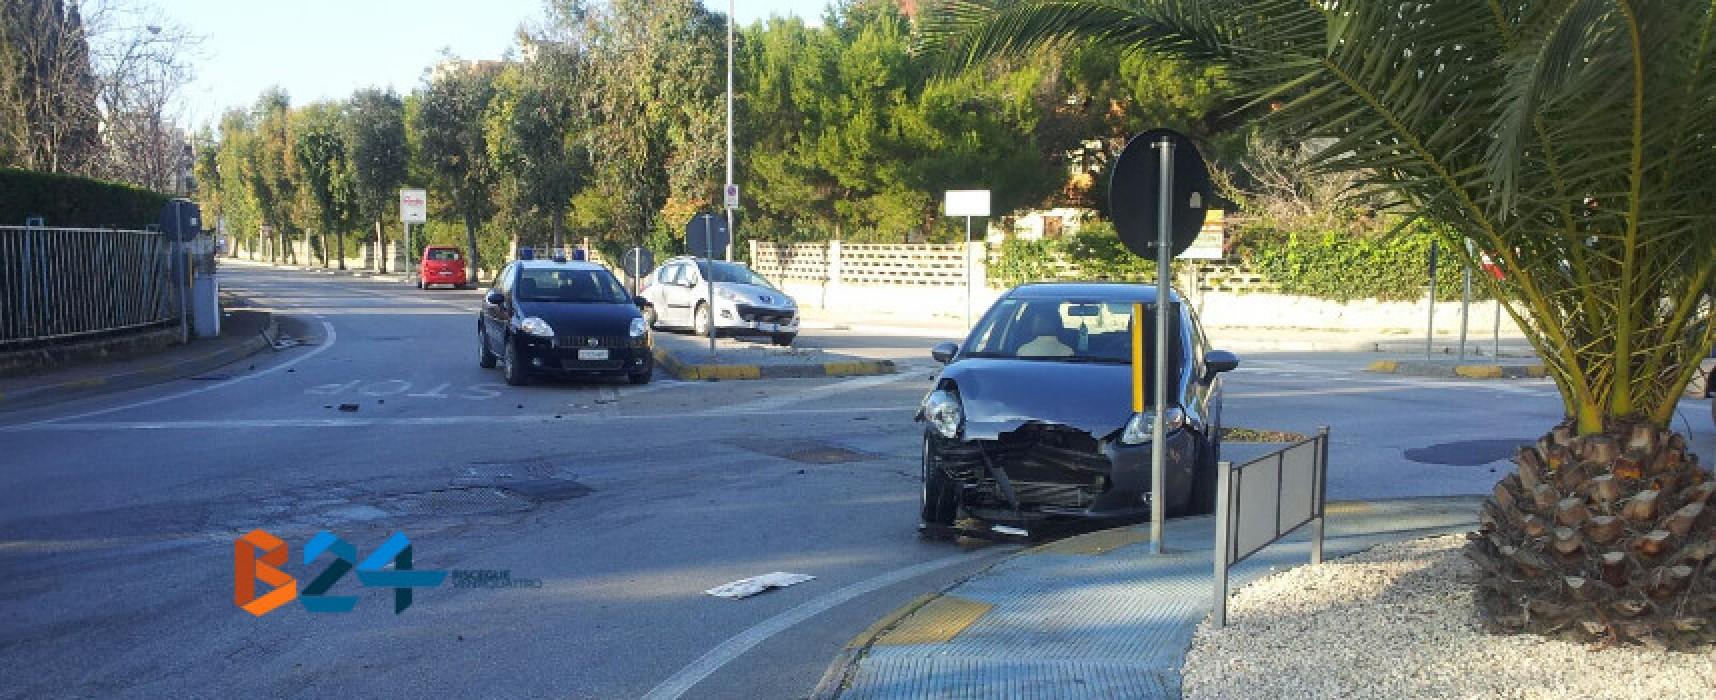 Scontro tra due auto alla rotonda di via Sant'Andrea